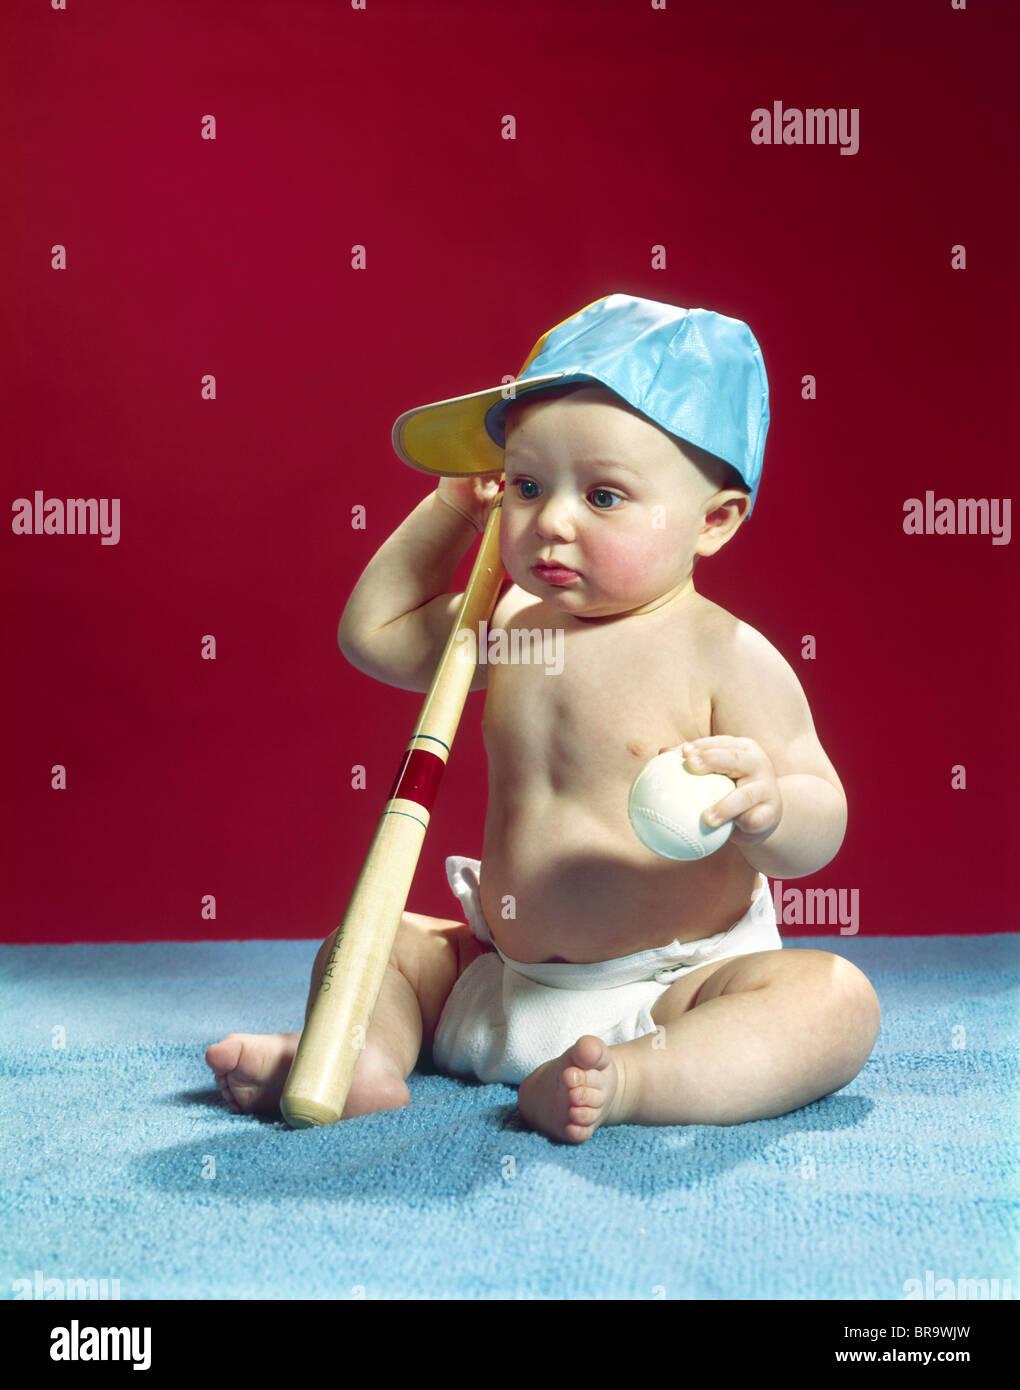 1960ER JAHRE BABY TRAGEN BLAUE BASEBALL-CAP MIT BALL UND SCHLÄGER Stockfoto